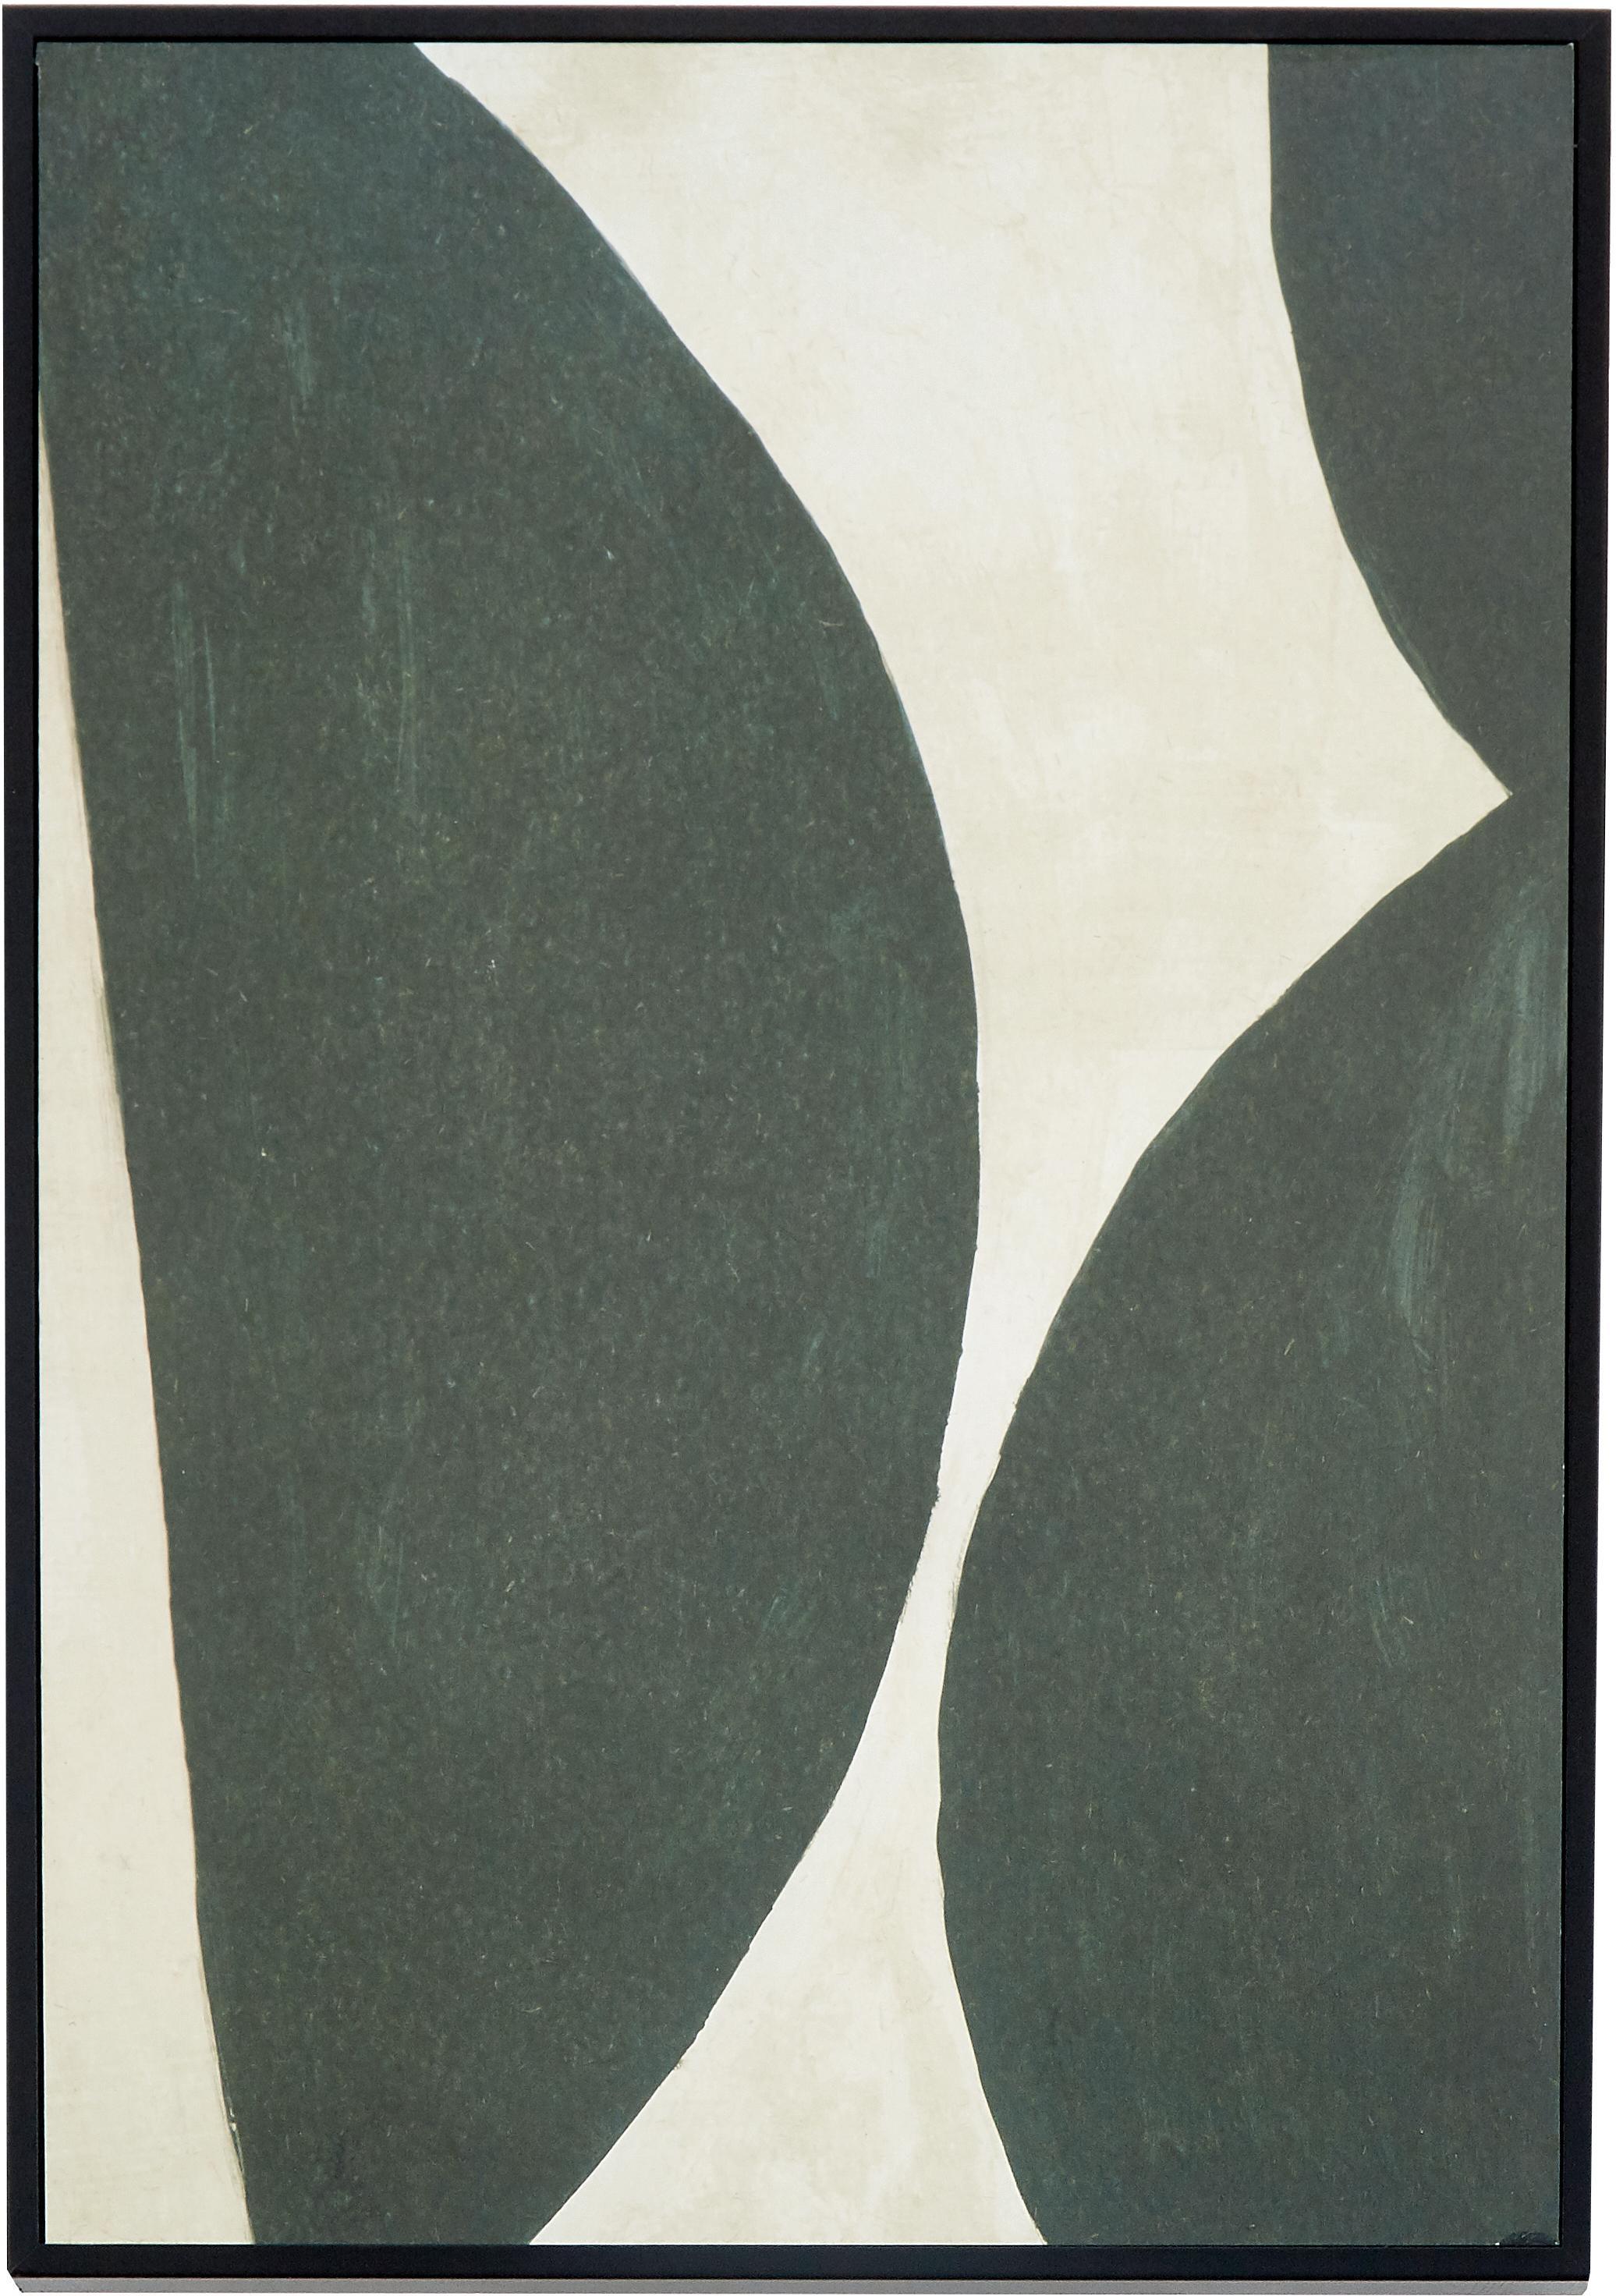 Stampa digitale incorniciata Rera, Immagine: carta riciclata, Cornice: pannello di fibra a media, Verde, crema, Larg. 25 x Alt. 35 cm